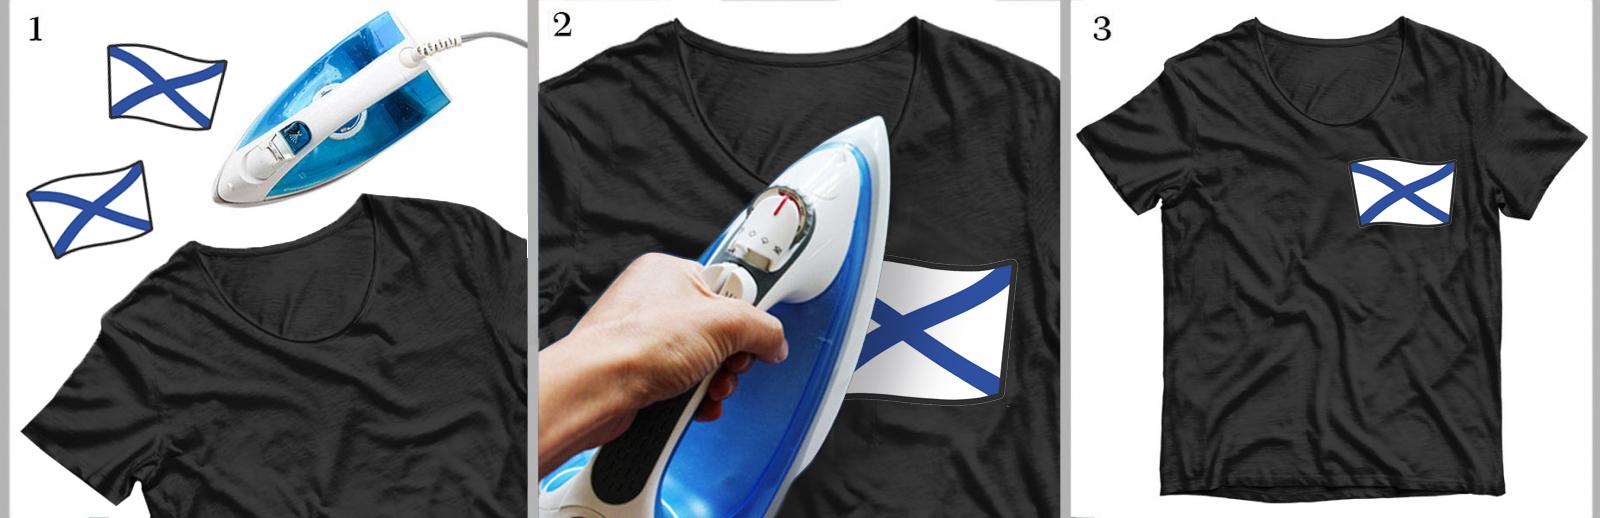 Купить стойкую наклейку-термотрансфер Андреевский Флаг оптом или в розницу